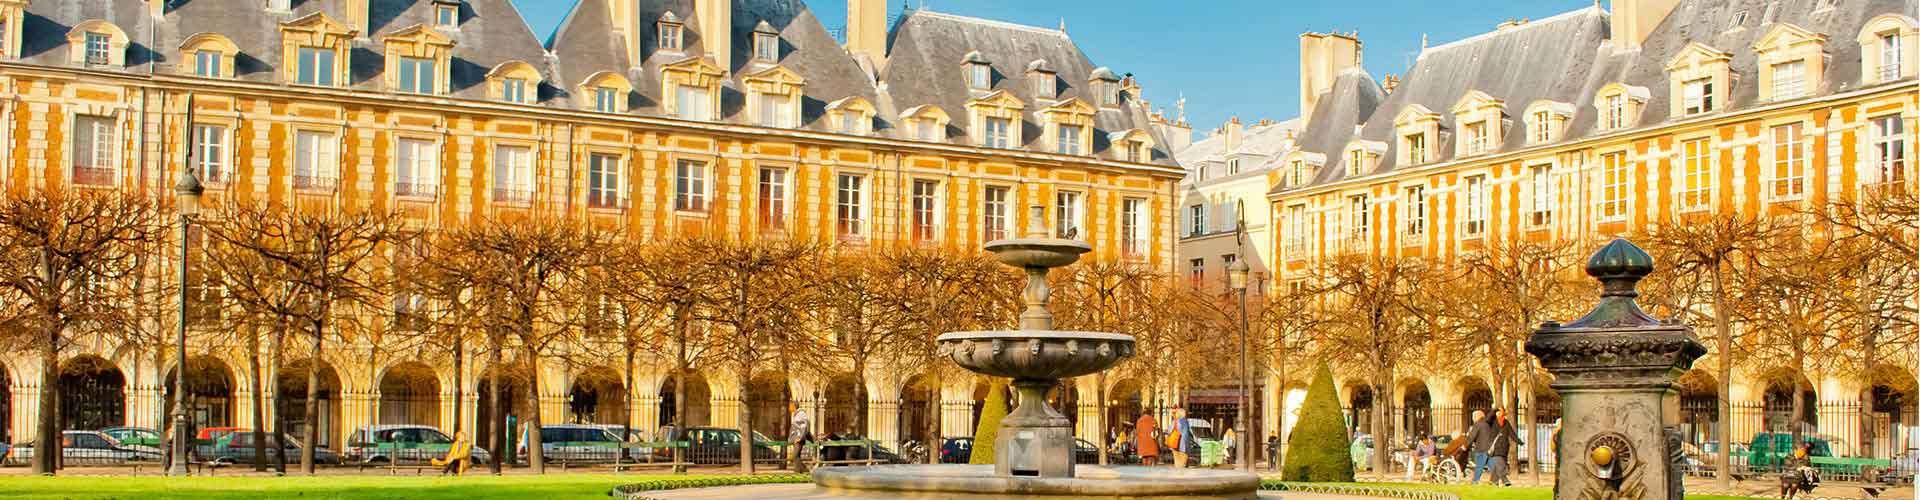 París - Habitaciones cerca a Place Vendôme. Mapas de París, Fotos y comentarios de cada Habitación en París.